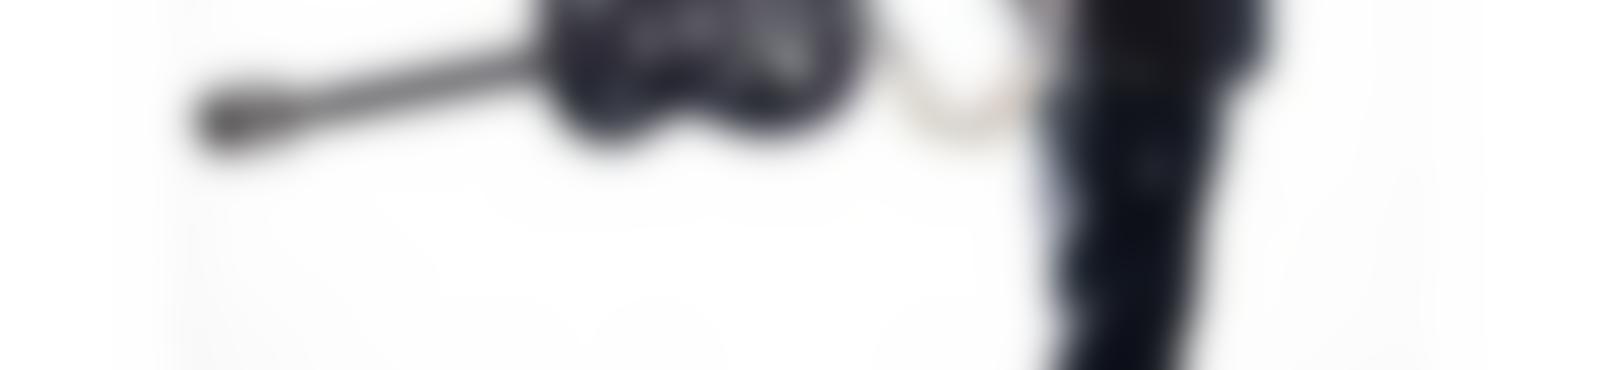 Blurred 2cb34f9b 19ef 48fe 9aae f7bac67d91ef